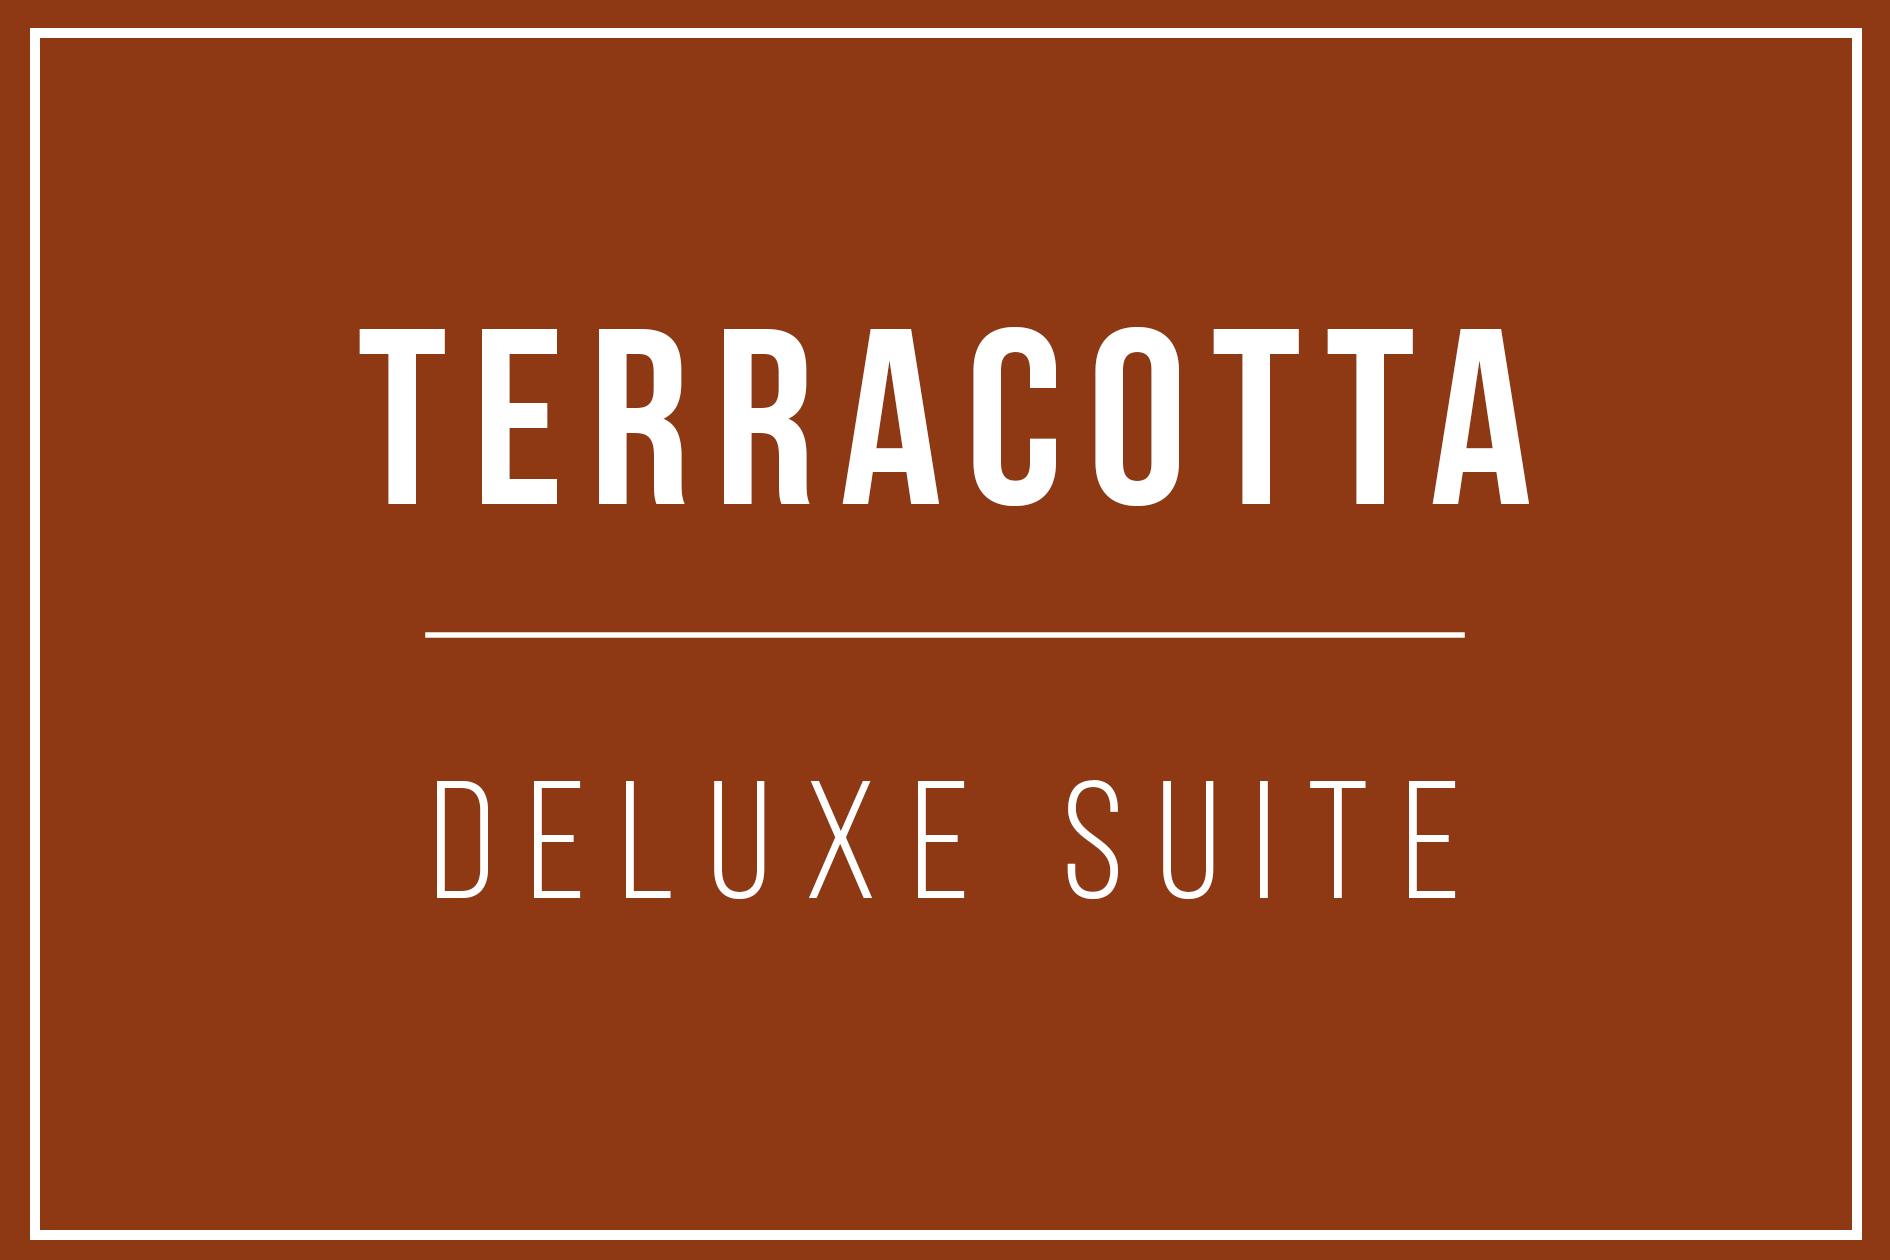 aya-kapadokya-terracotta-deluxe-suite-header-0001